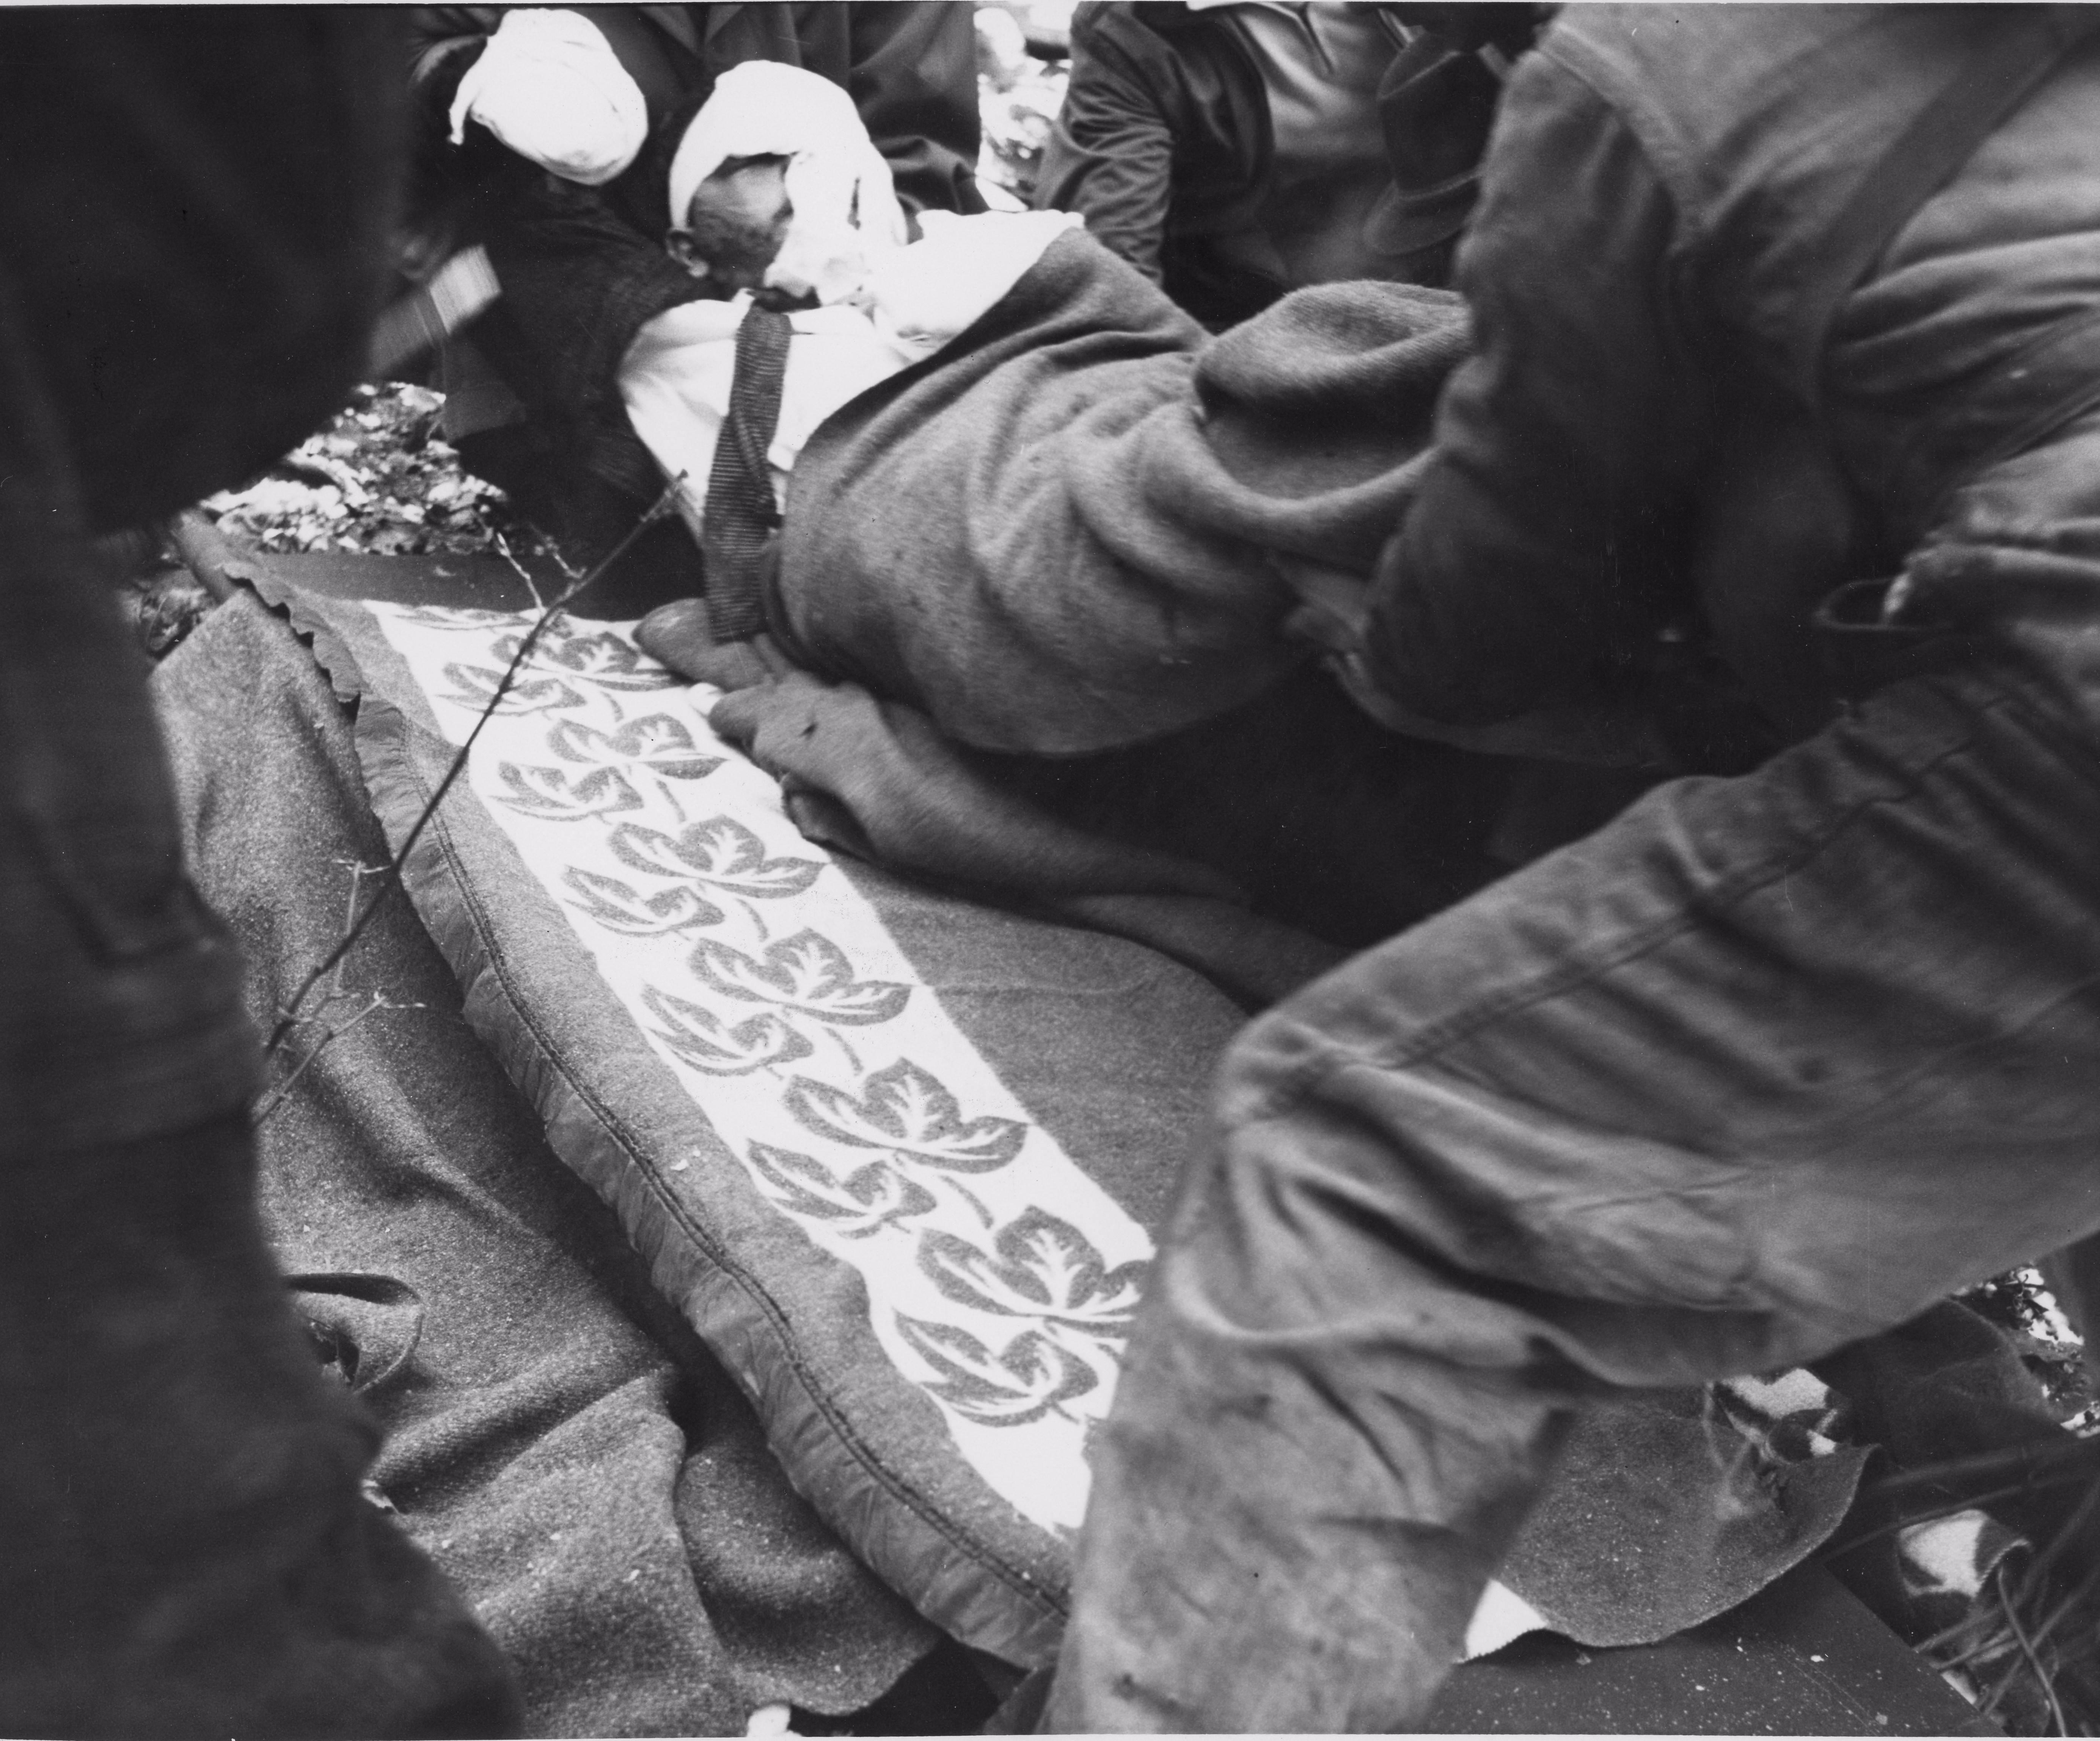 Louis Matarazzo the lone survivor. Photo courtesy of the Williamsport Sun Gazette archive.